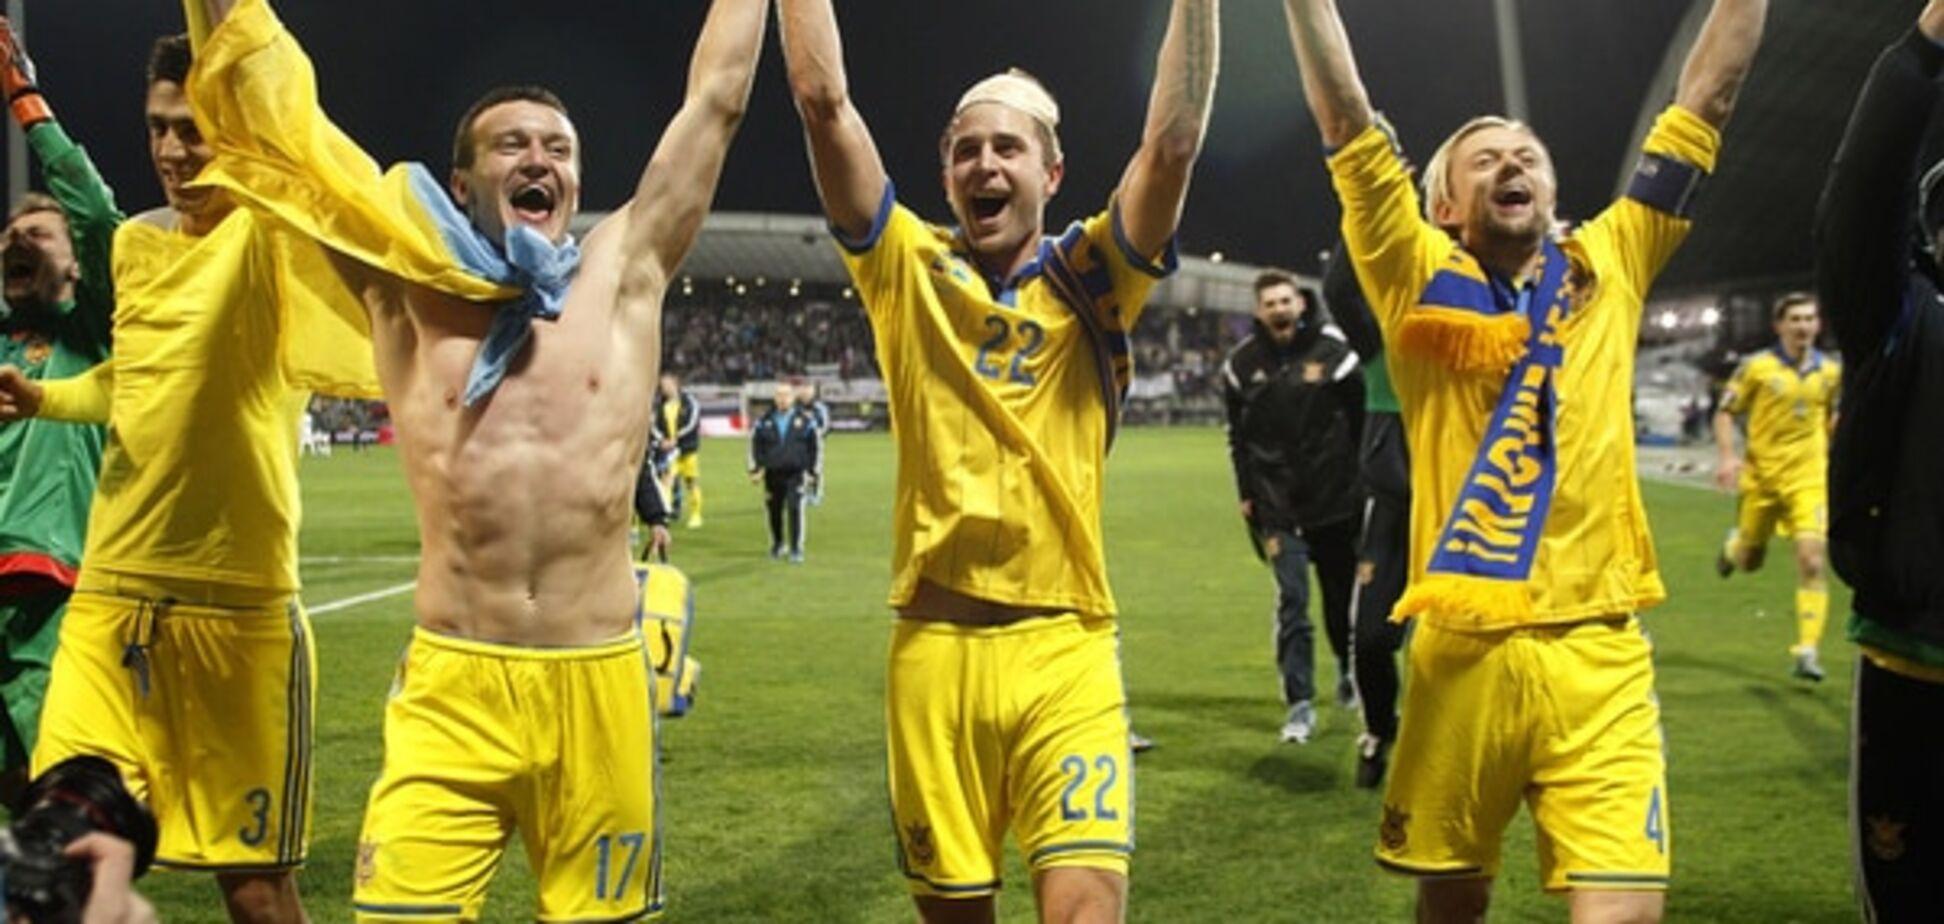 Збірна України вперше в історії вийшла на чемпіонат Європи